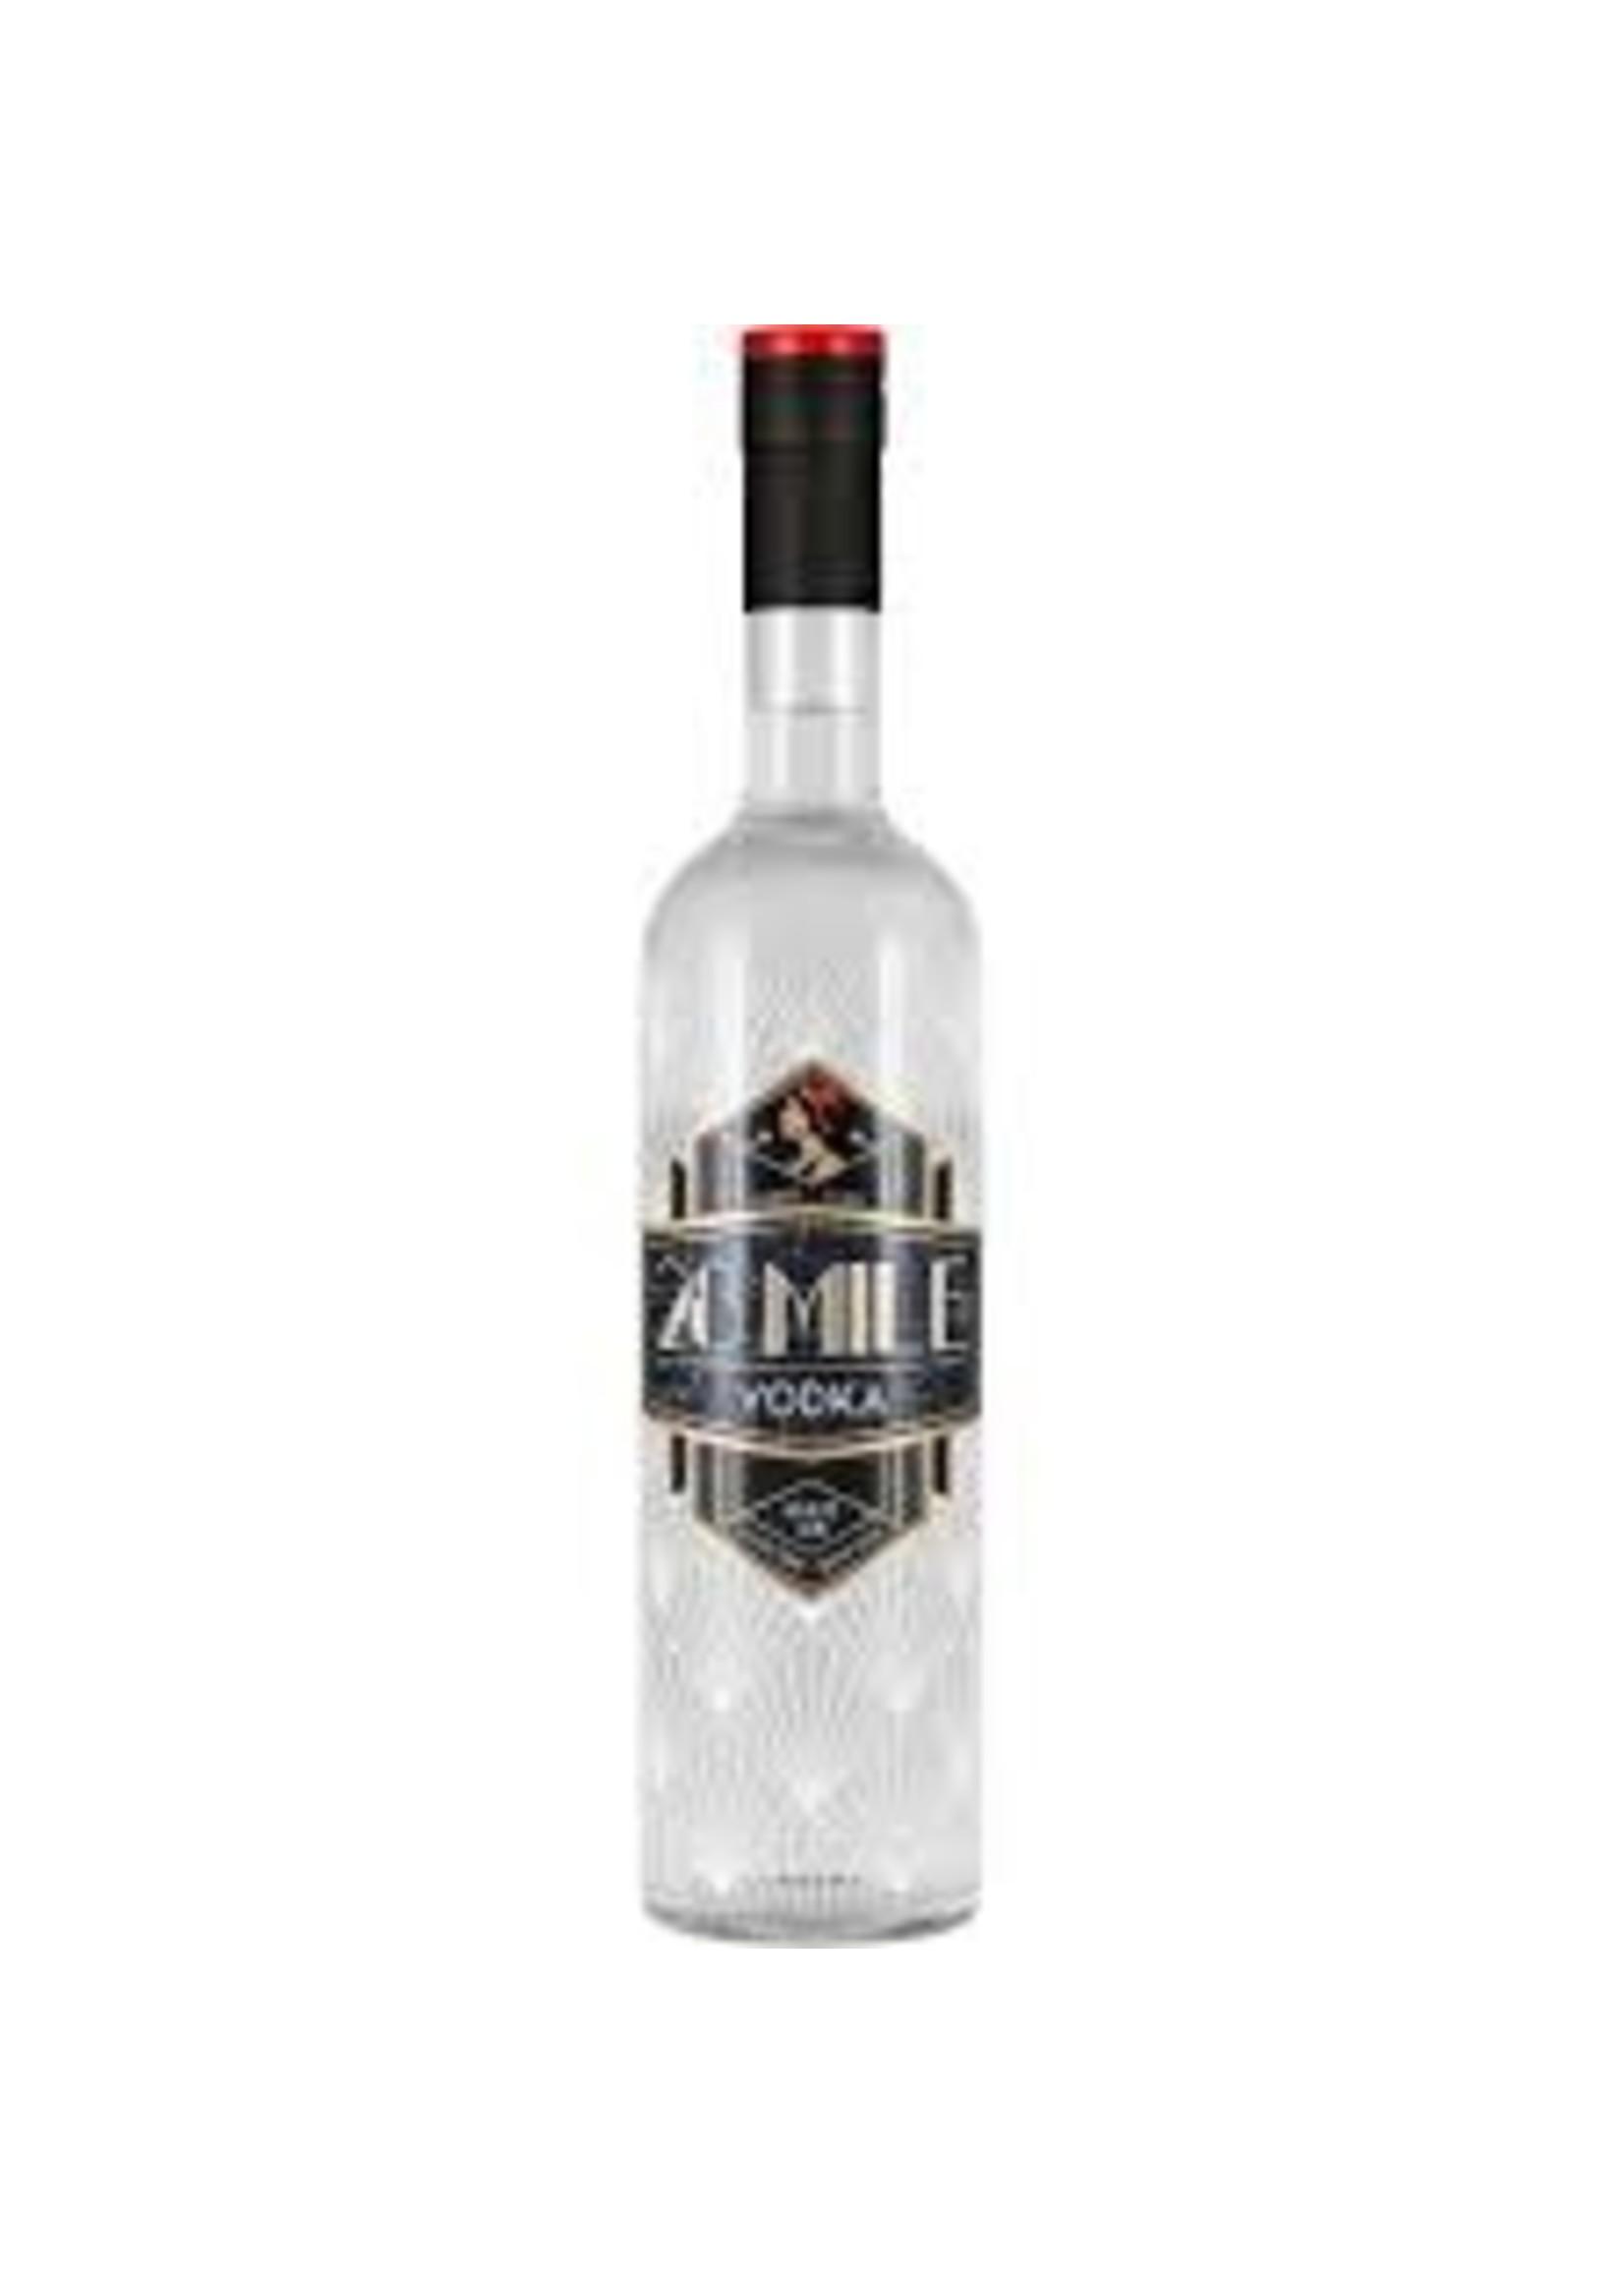 28 Mile Vodka Highwood IL 750ml